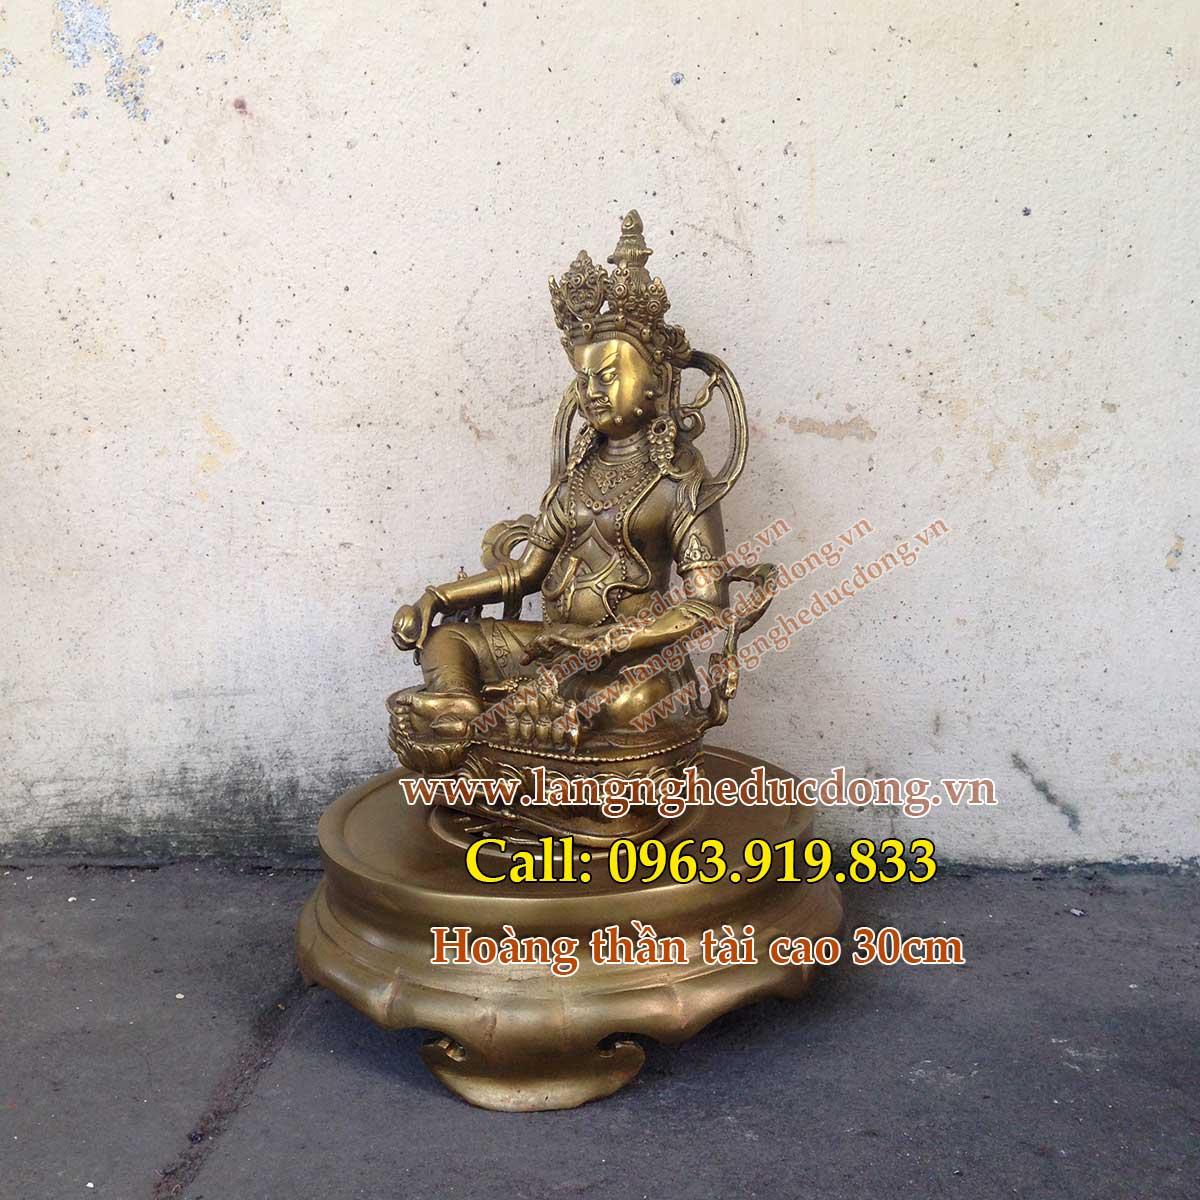 langngheducdong.vn - Tượng hoàng thần tài mật tông cao 30cm, hoàng thần tài bằng đồng